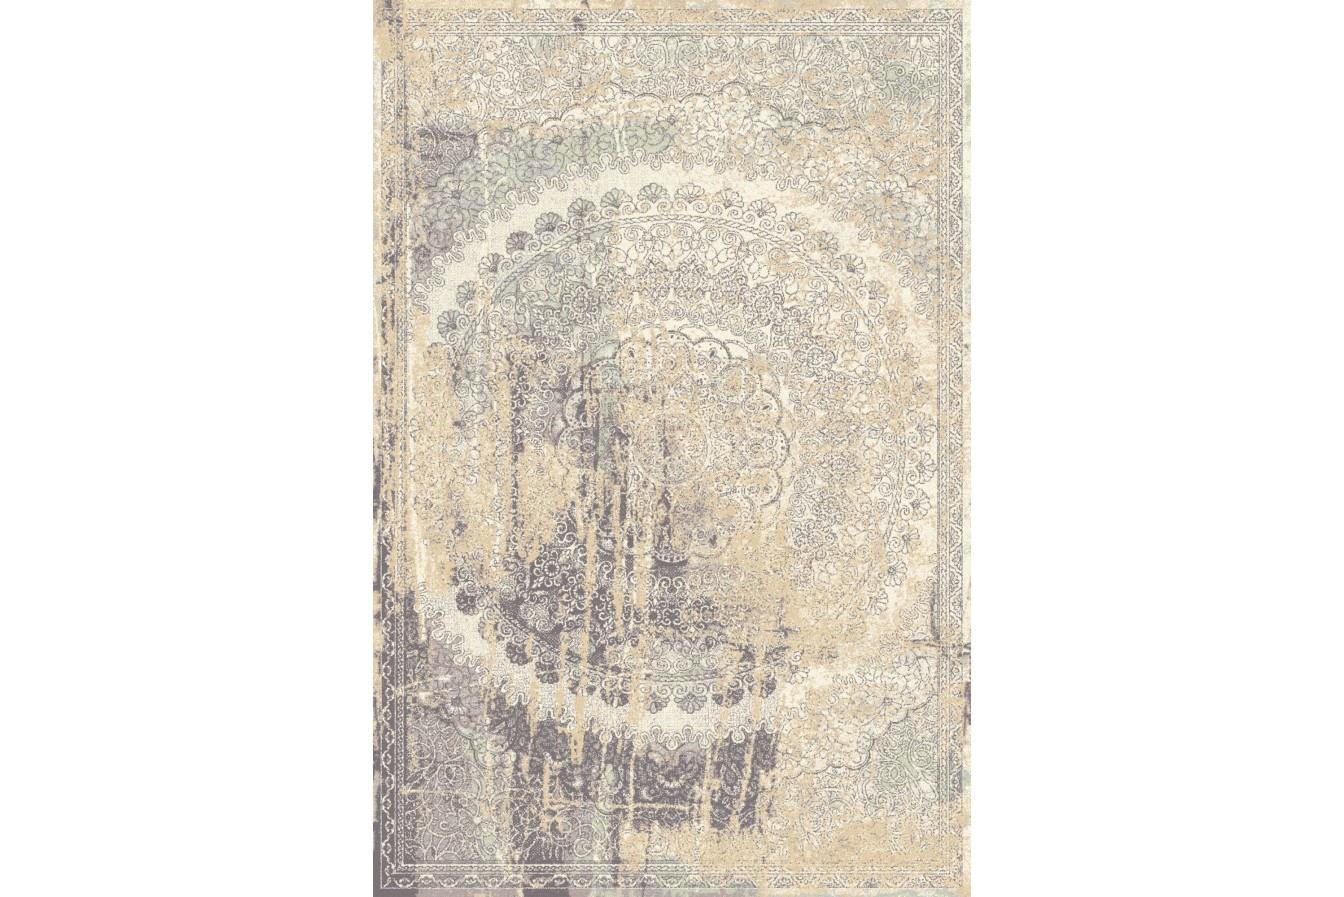 Modny Vintage Dywan Agnella Isfahan Lidius Piaskowy